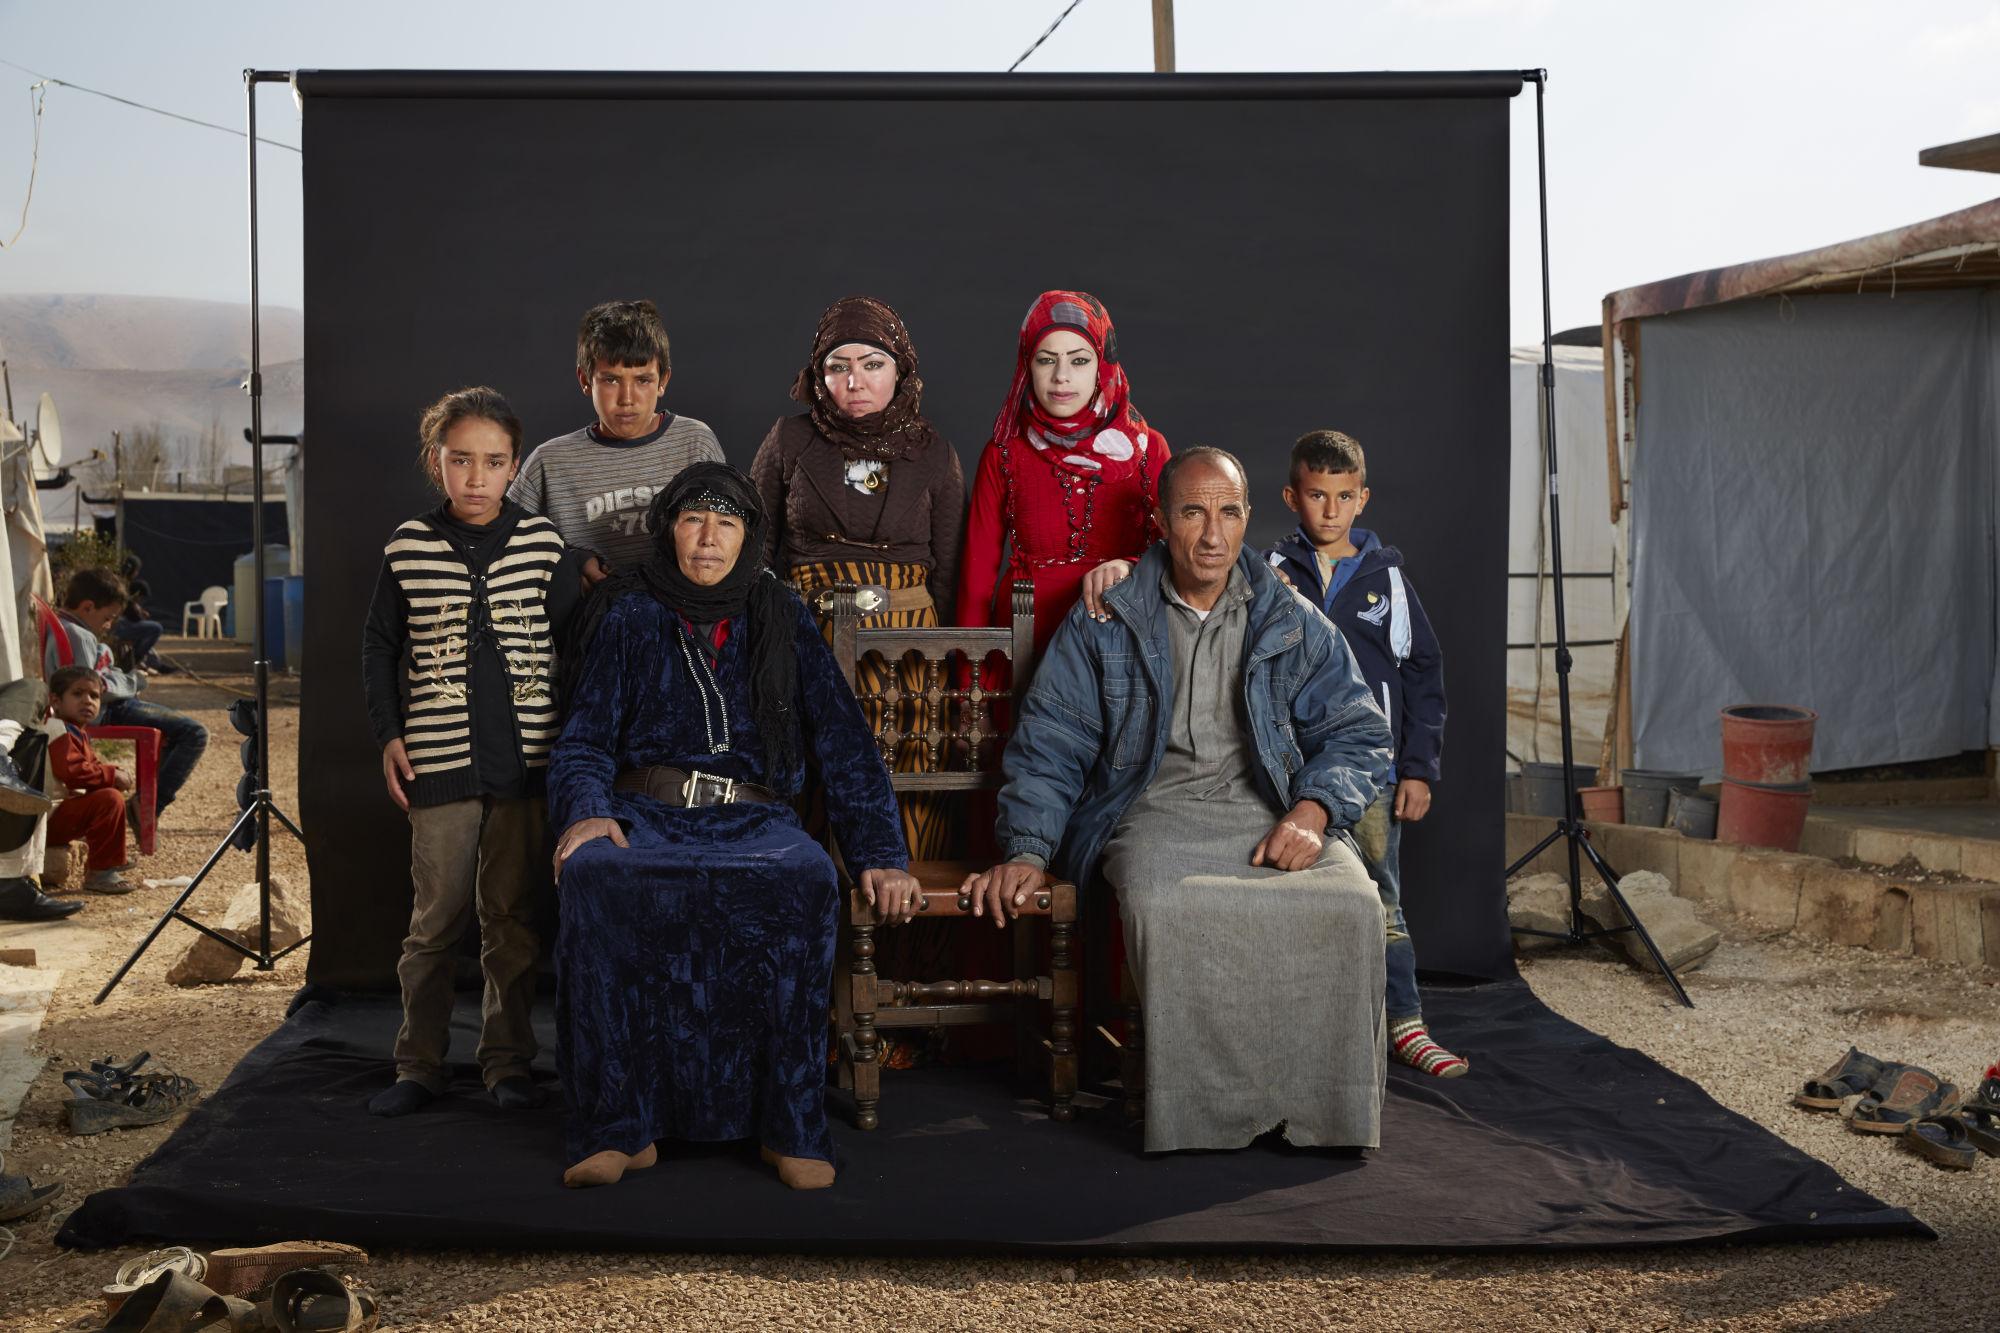 Hace poco más de un año, Mohammed estaba sentado en su sala de estar con su familia cuando cayó un misil en su casa. El hijo mayor, de 55 años, fue herido por la metralla y, en el caos, cuando la familia salía escapando, su hijo desapareció.